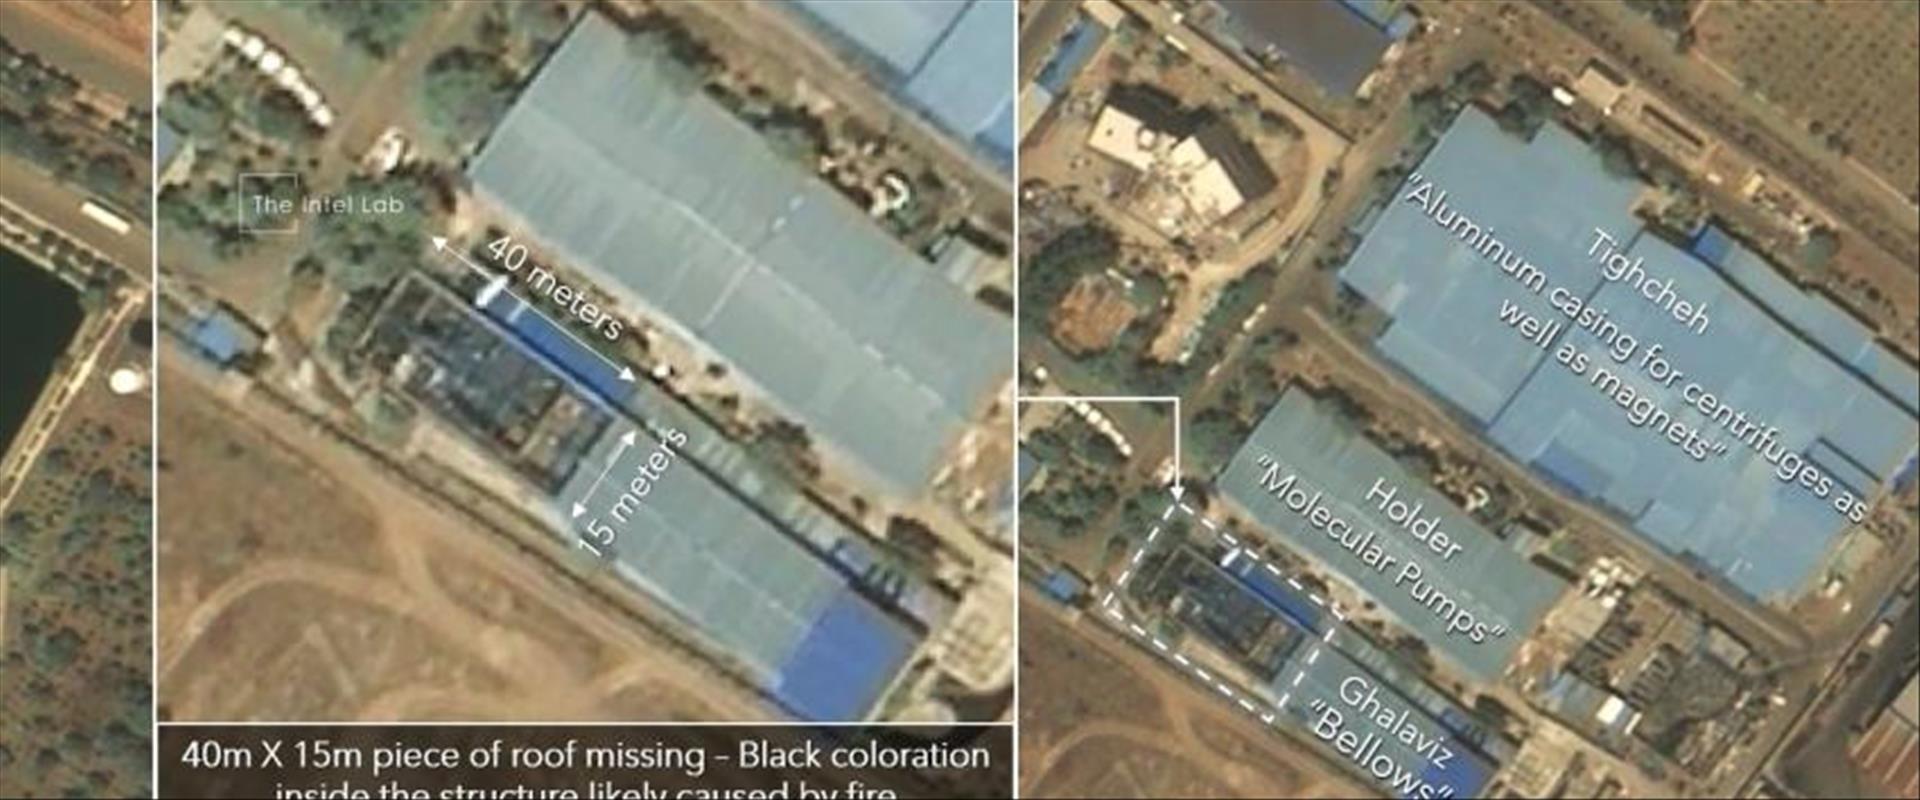 נזק באתר של הסוכנות לאנרגיה אטומית בקאראג'